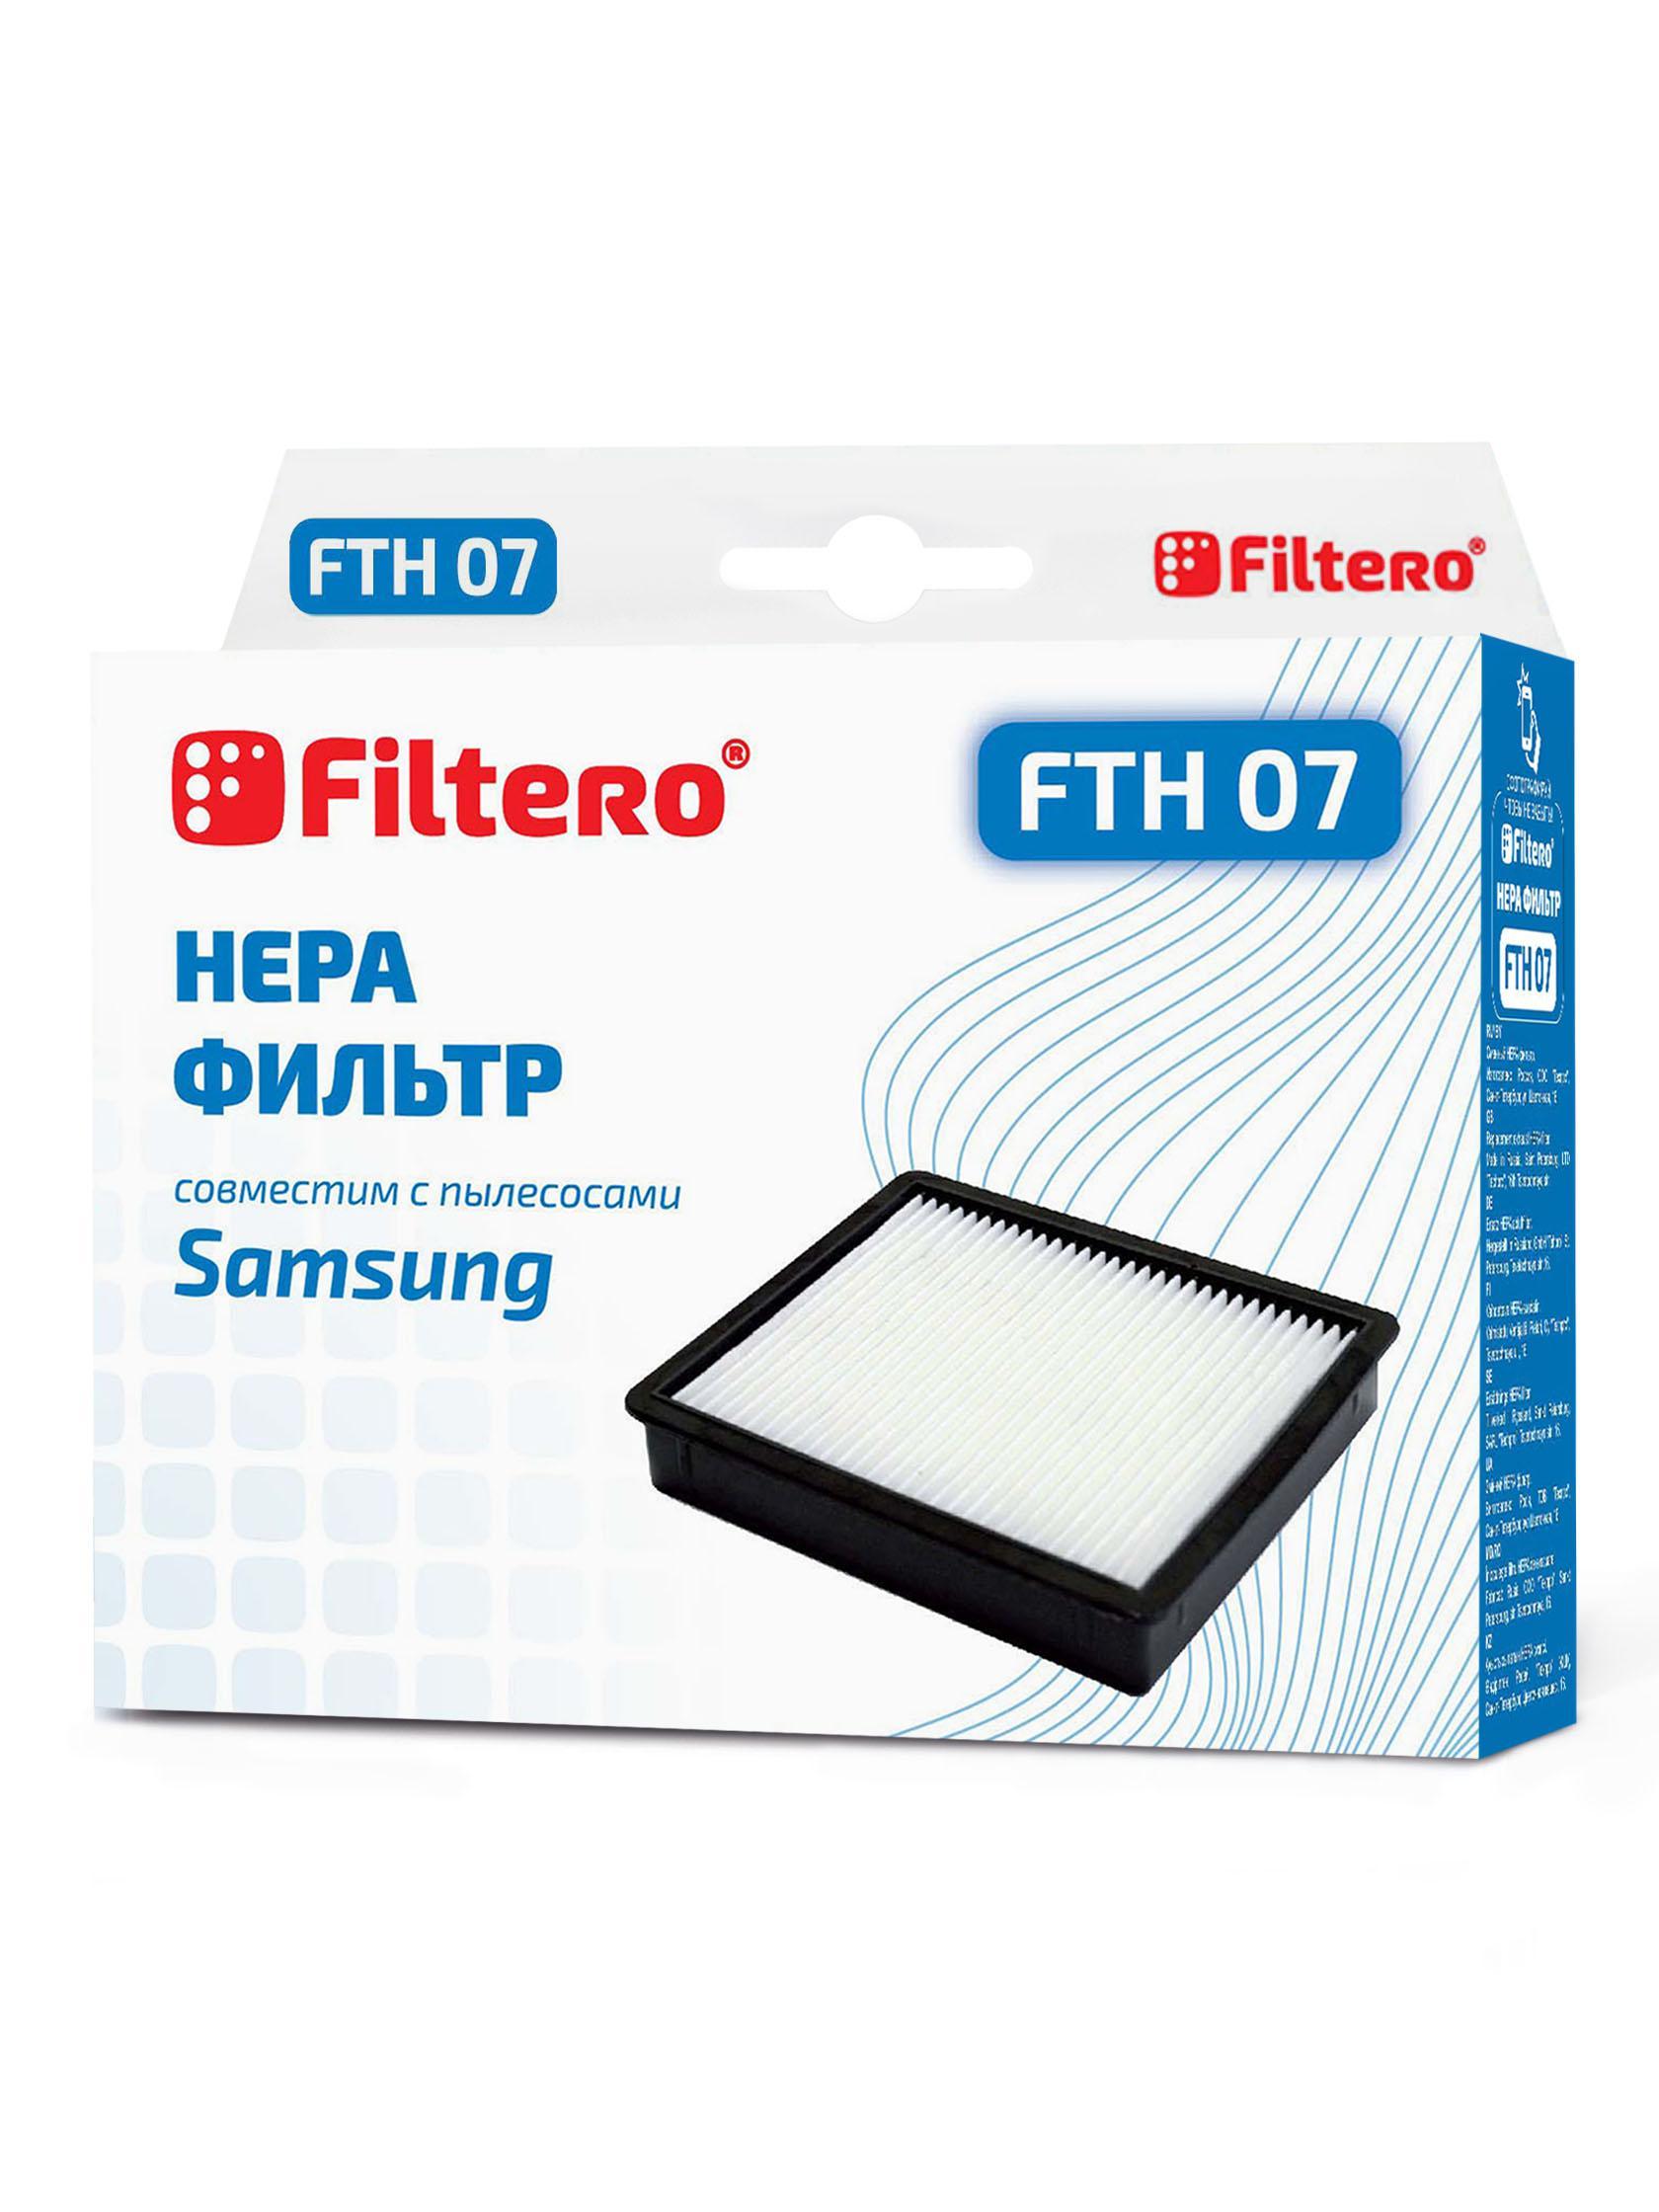 Фильтр Filtero Fth 07 sam фильтр filtero fth 33 sam